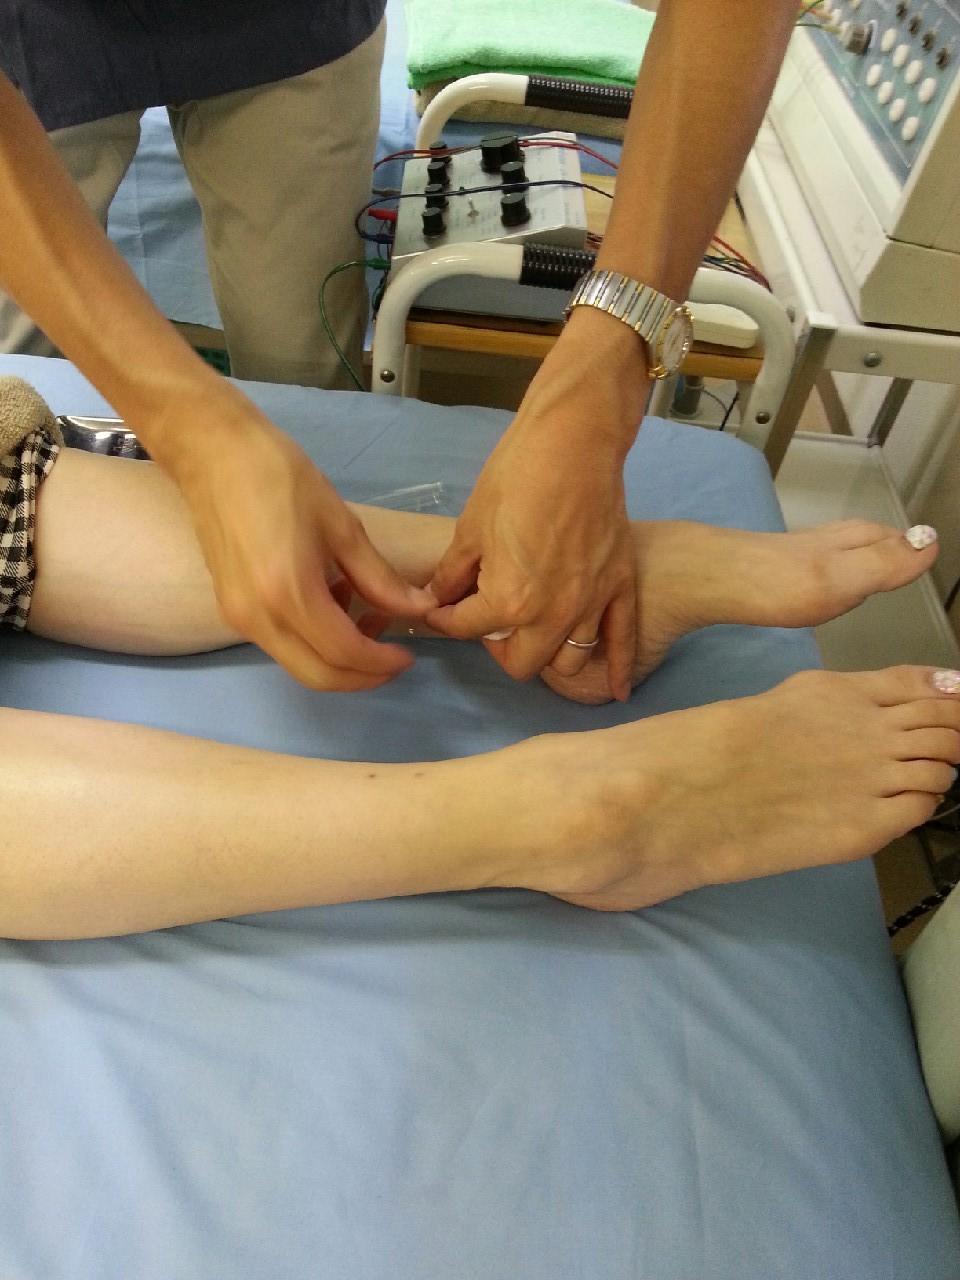 三陰交のツボで生理前のしんどさ(PMS)を改善。下半身痩せにも効果的。